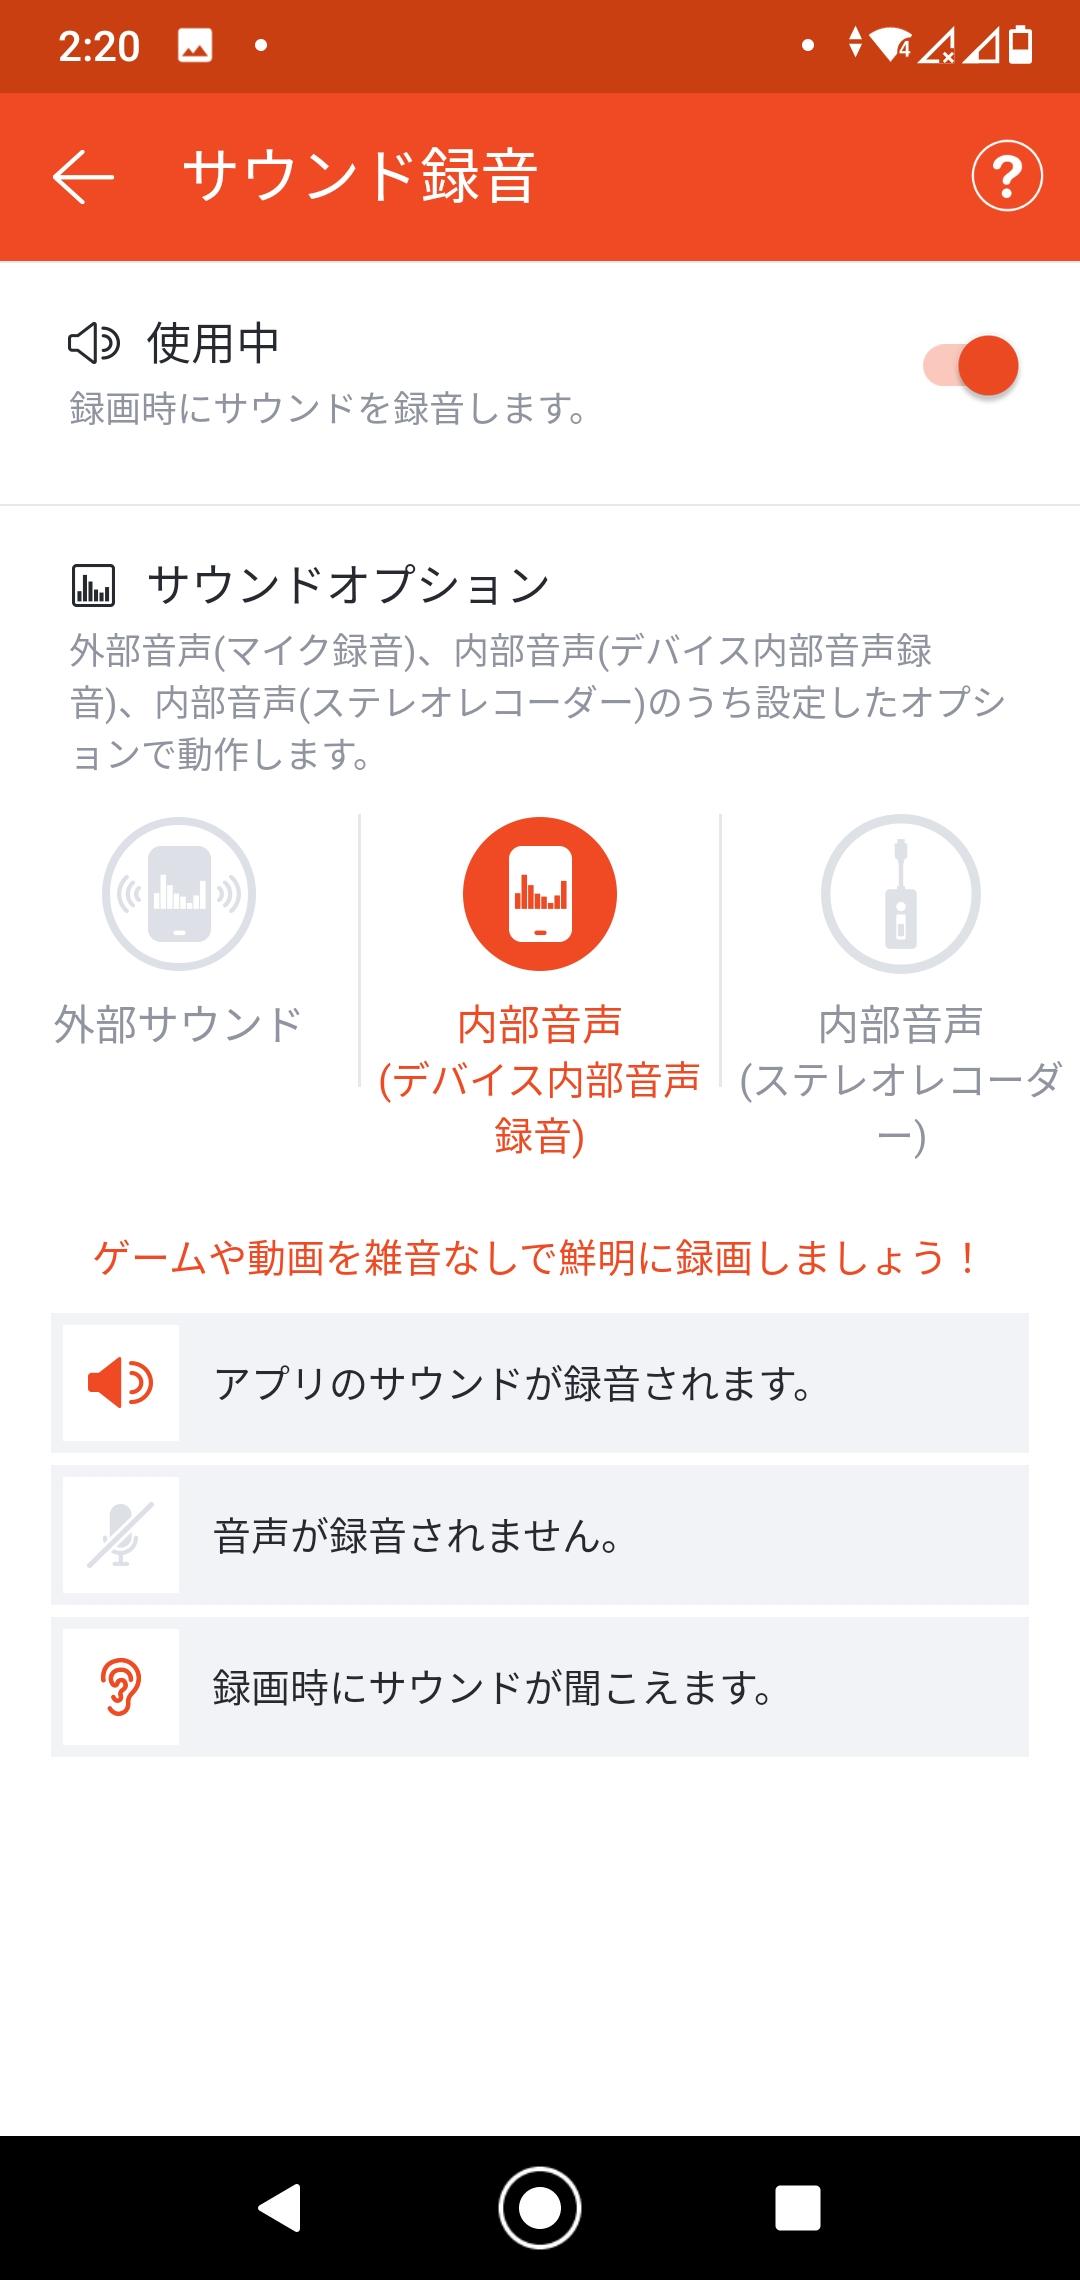 てい google 録音 は 内部 許可 音声 ませ ん され の によって Androidスマホを内部音声のみで録画する方法